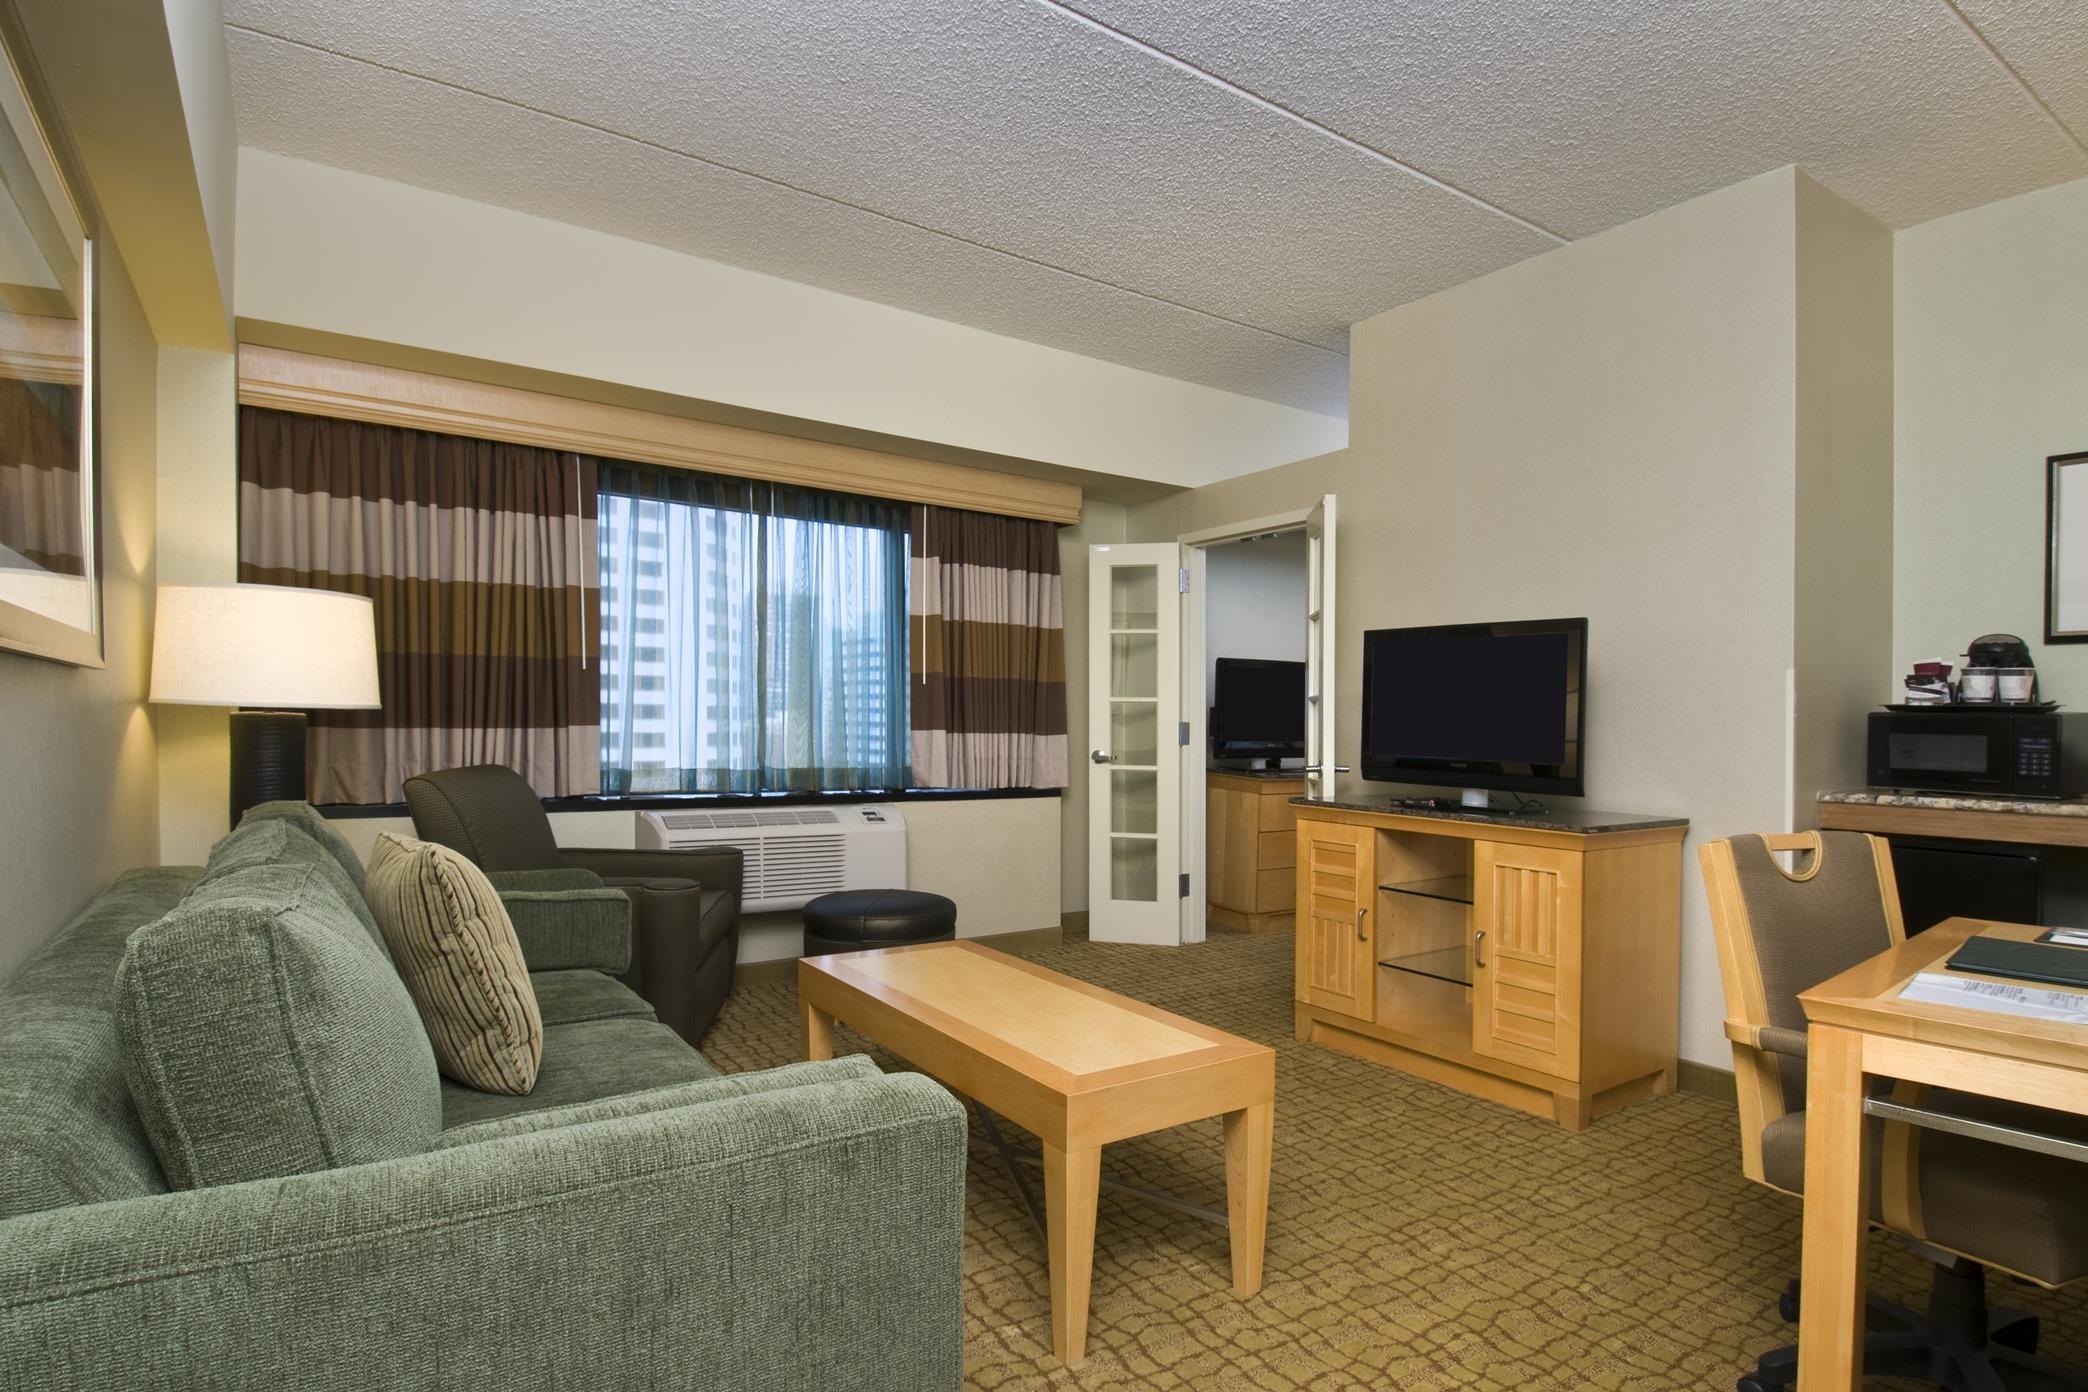 Newport Nj Room For Rent